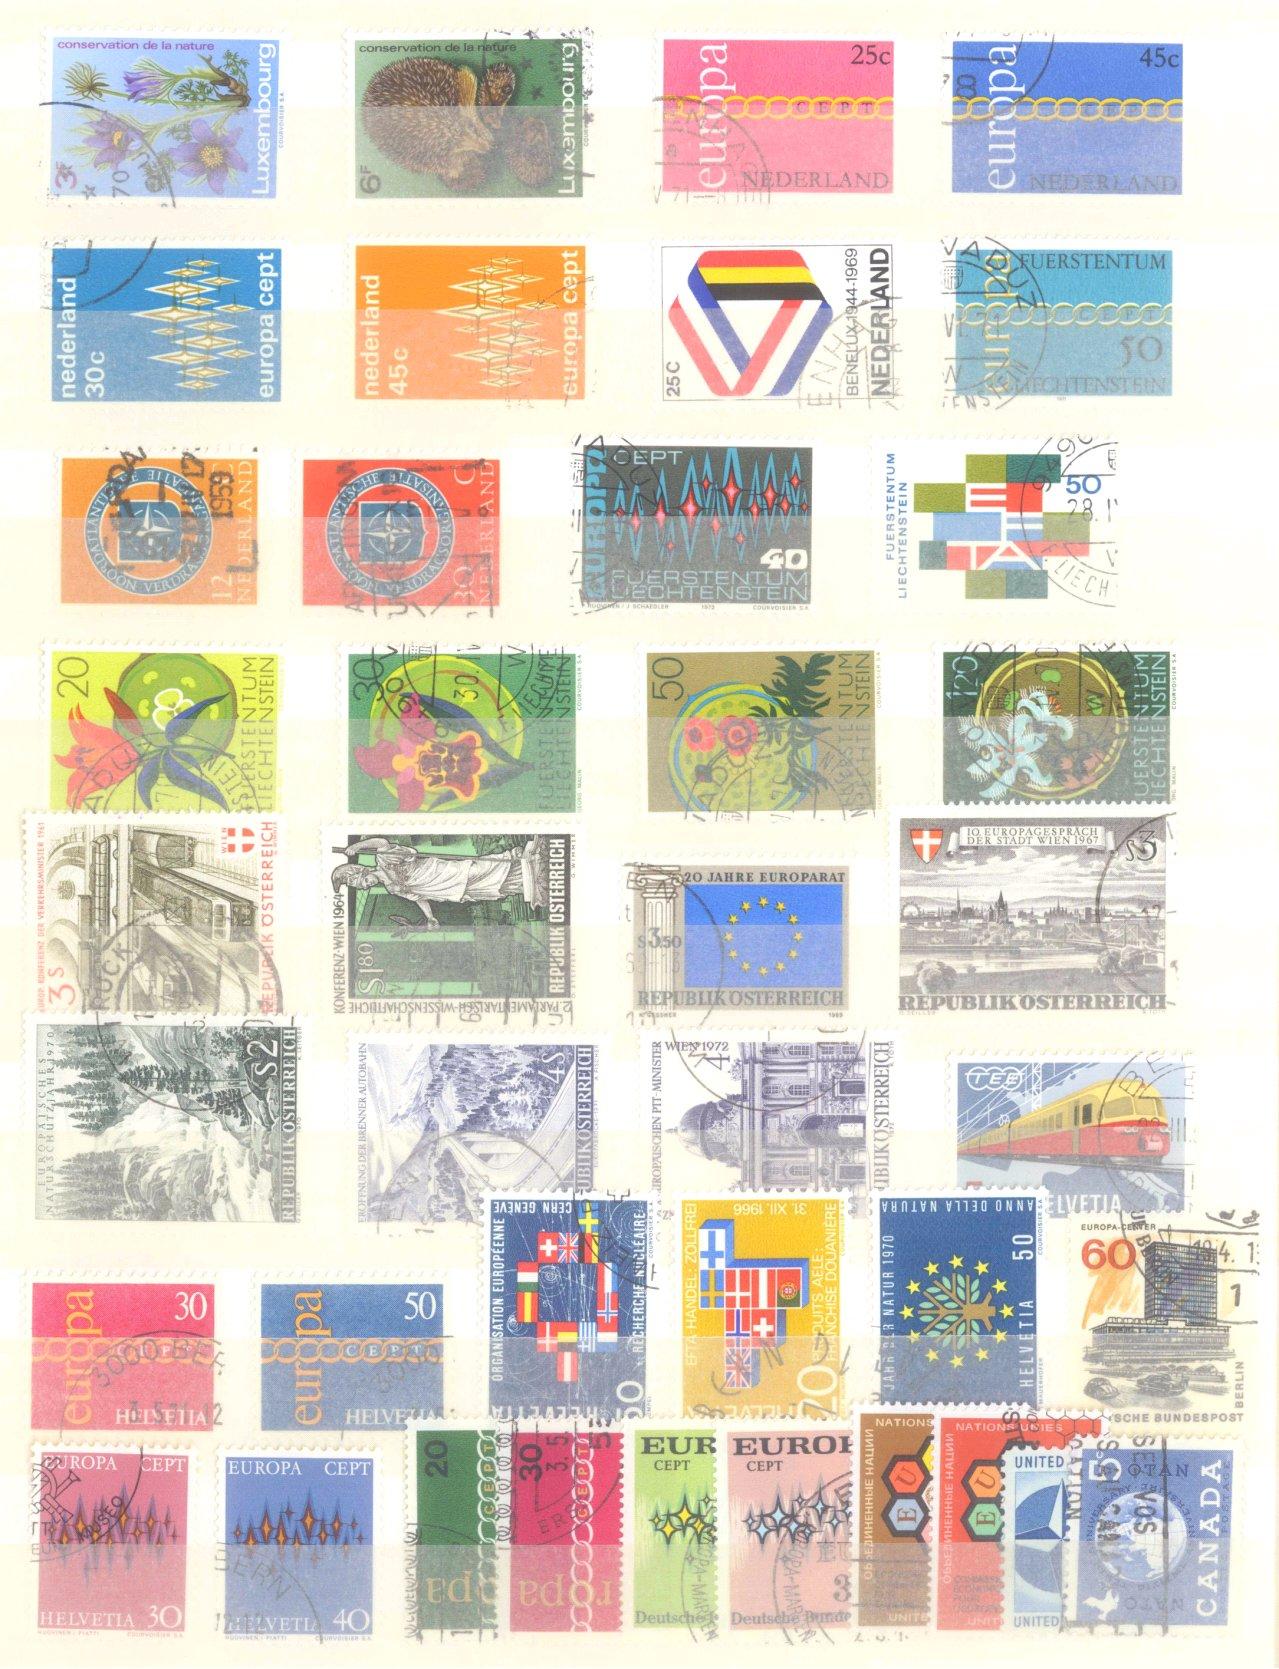 Europa CEPT mit SPANISCH – ANDORRA 1972-12